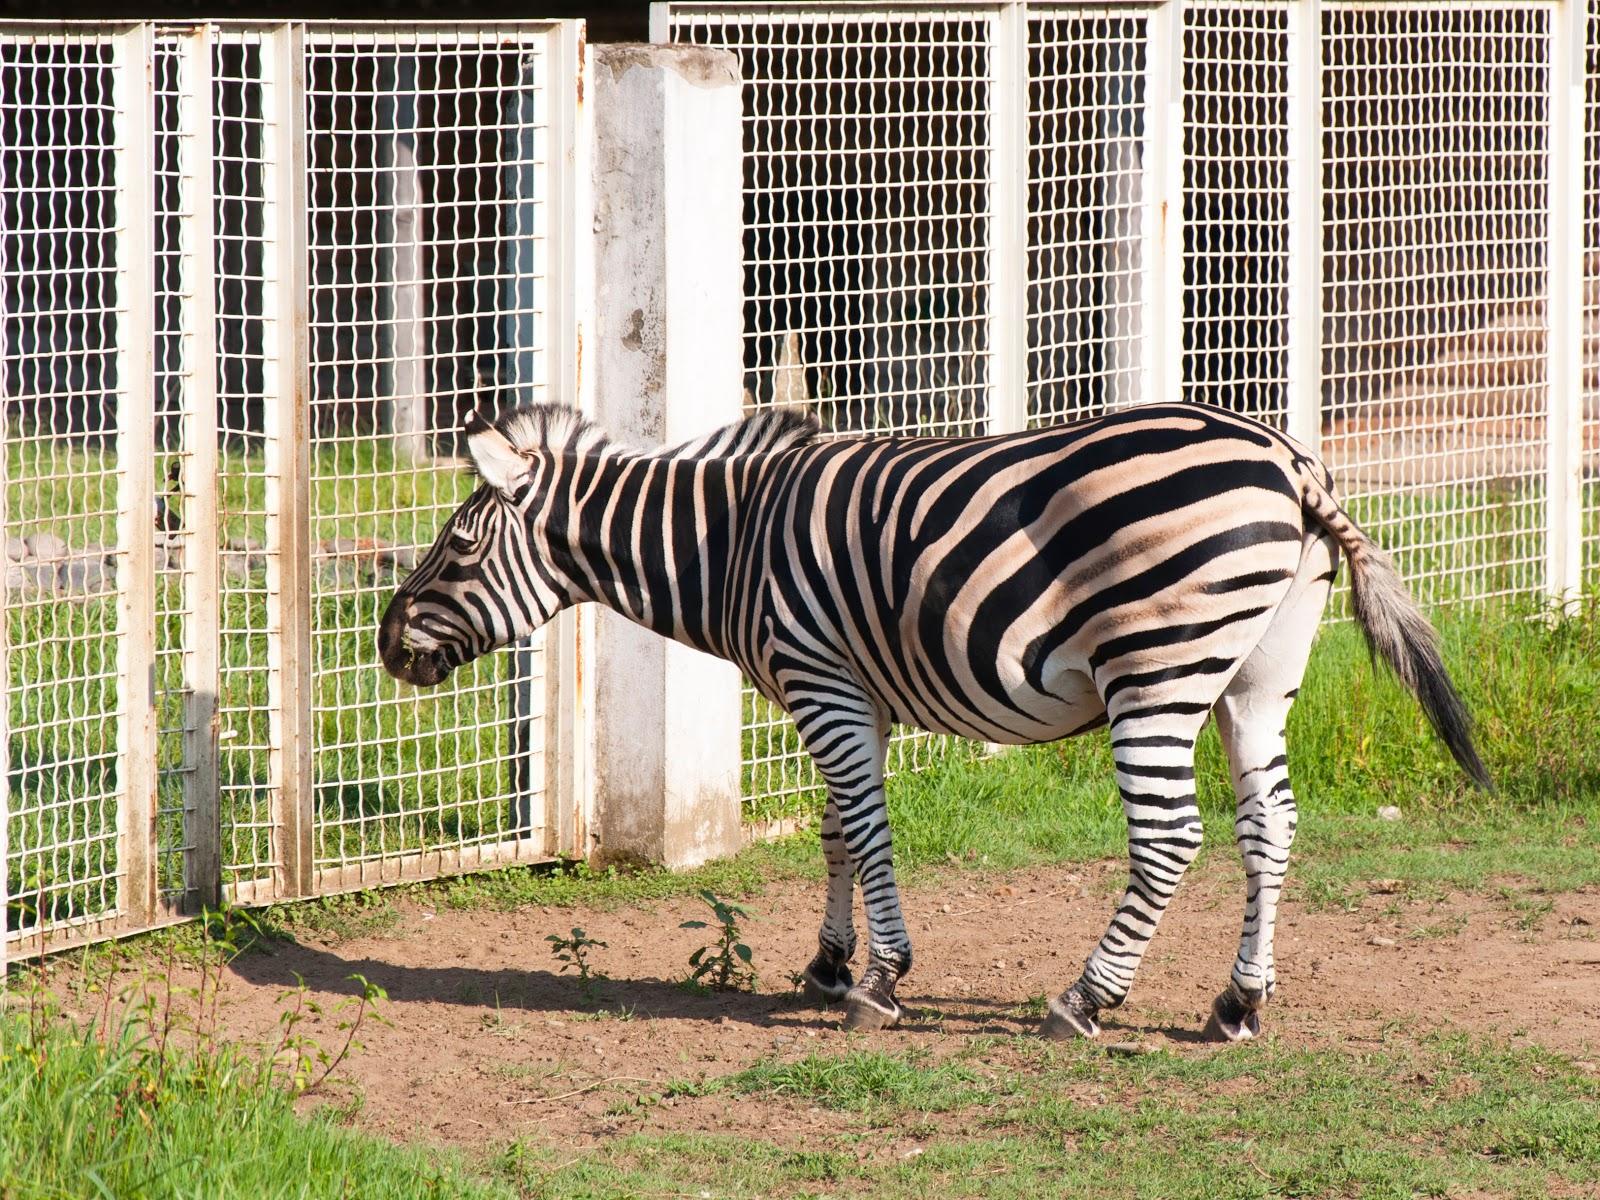 Batumi City Zoo